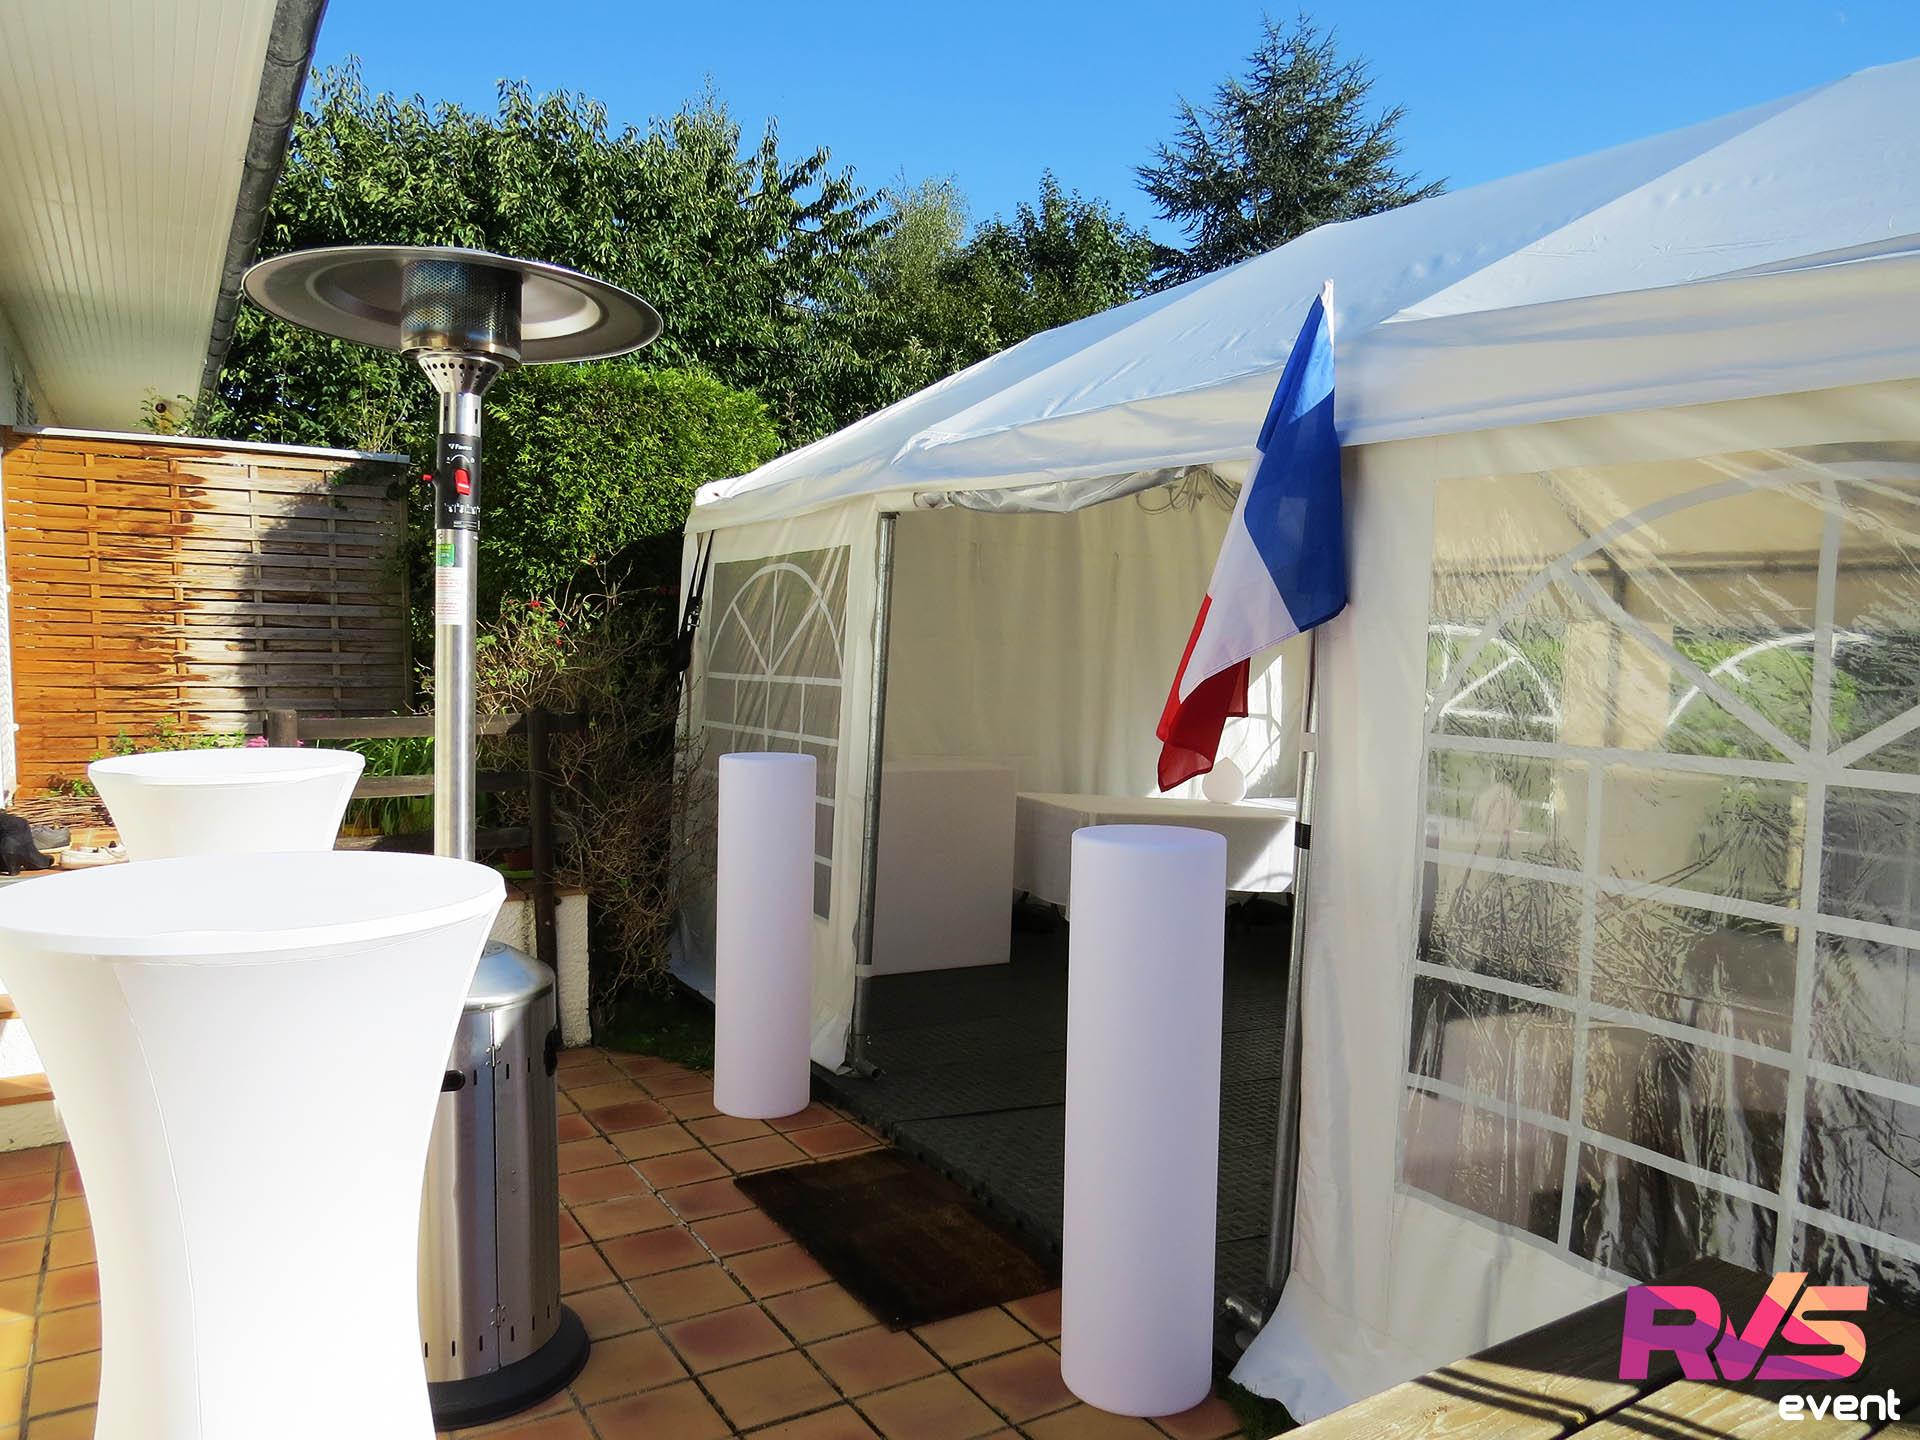 Location d 39 un barnum dans un petit jardin soir e match for Location chauffage exterieur